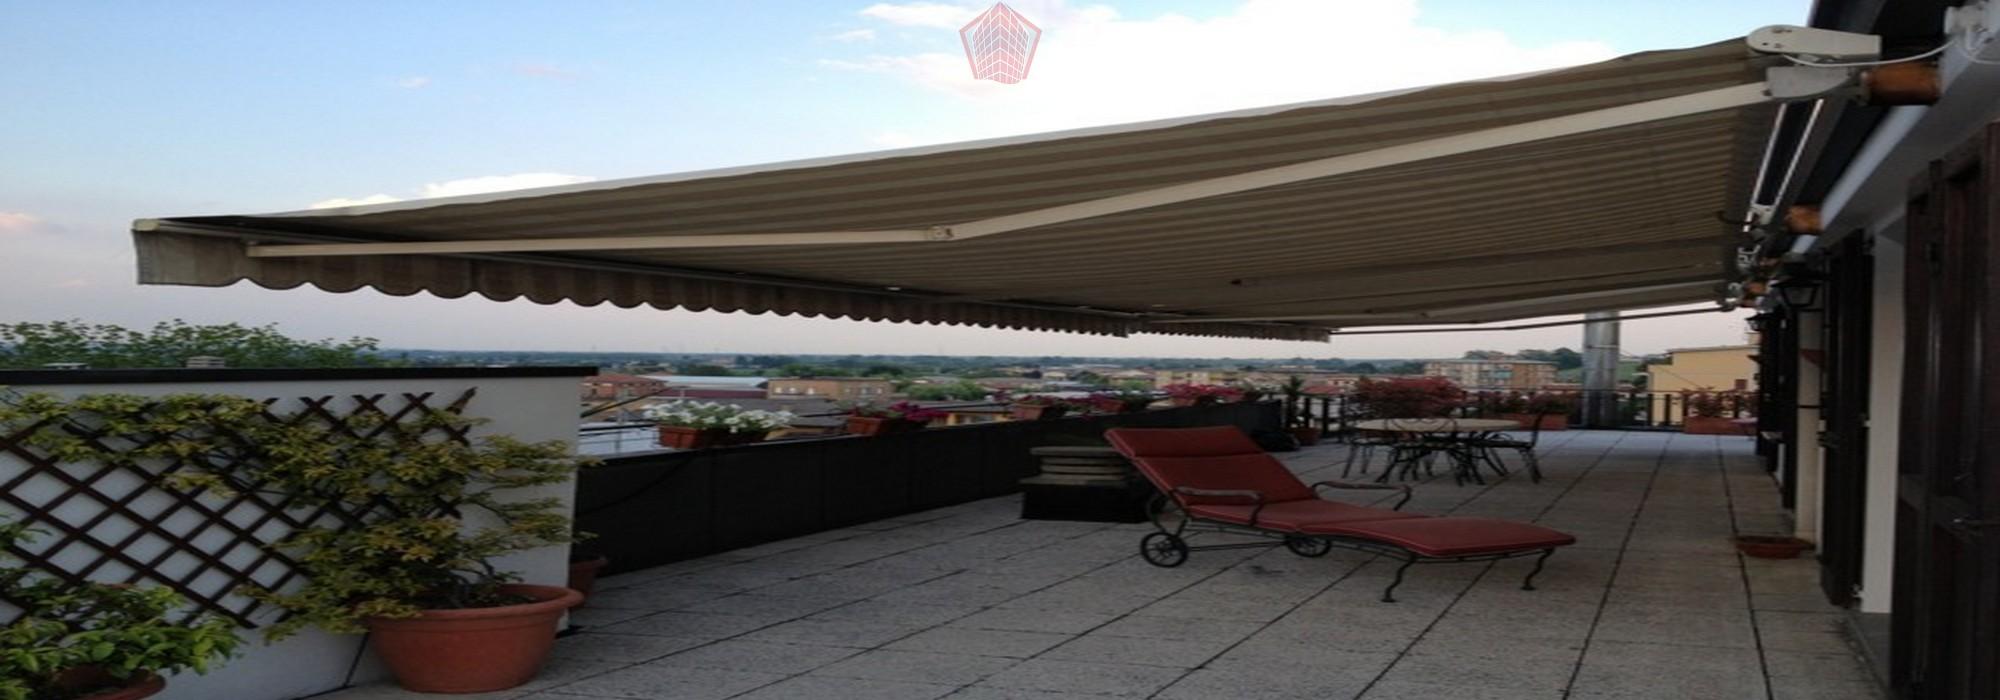 Stradella (PV) VENDITA Attico su due livelli con terrazzo panoramico rif. 019